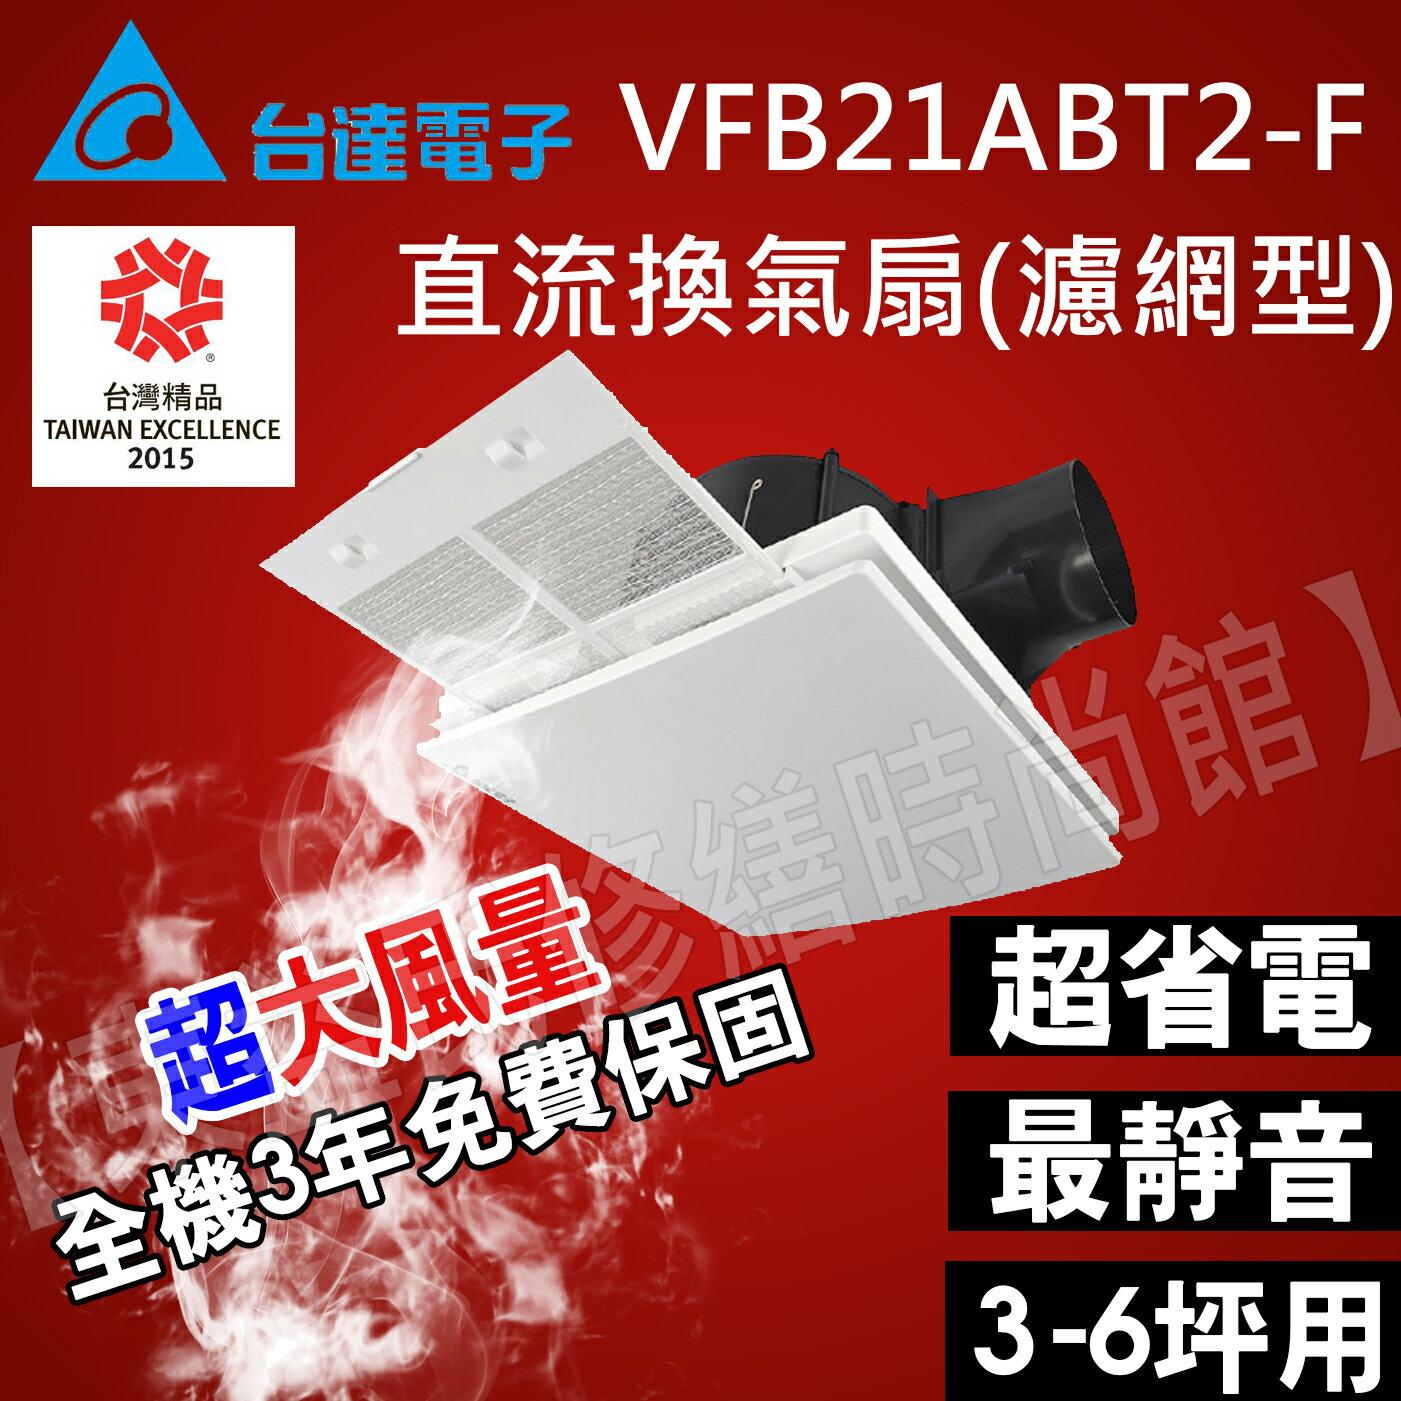 VFB21ABT2-F 台達電子 濾網型換氣扇 清洗容易 三年保固 省電又靜音【東益氏】另售 中一電工 阿拉斯加 康乃馨 三菱